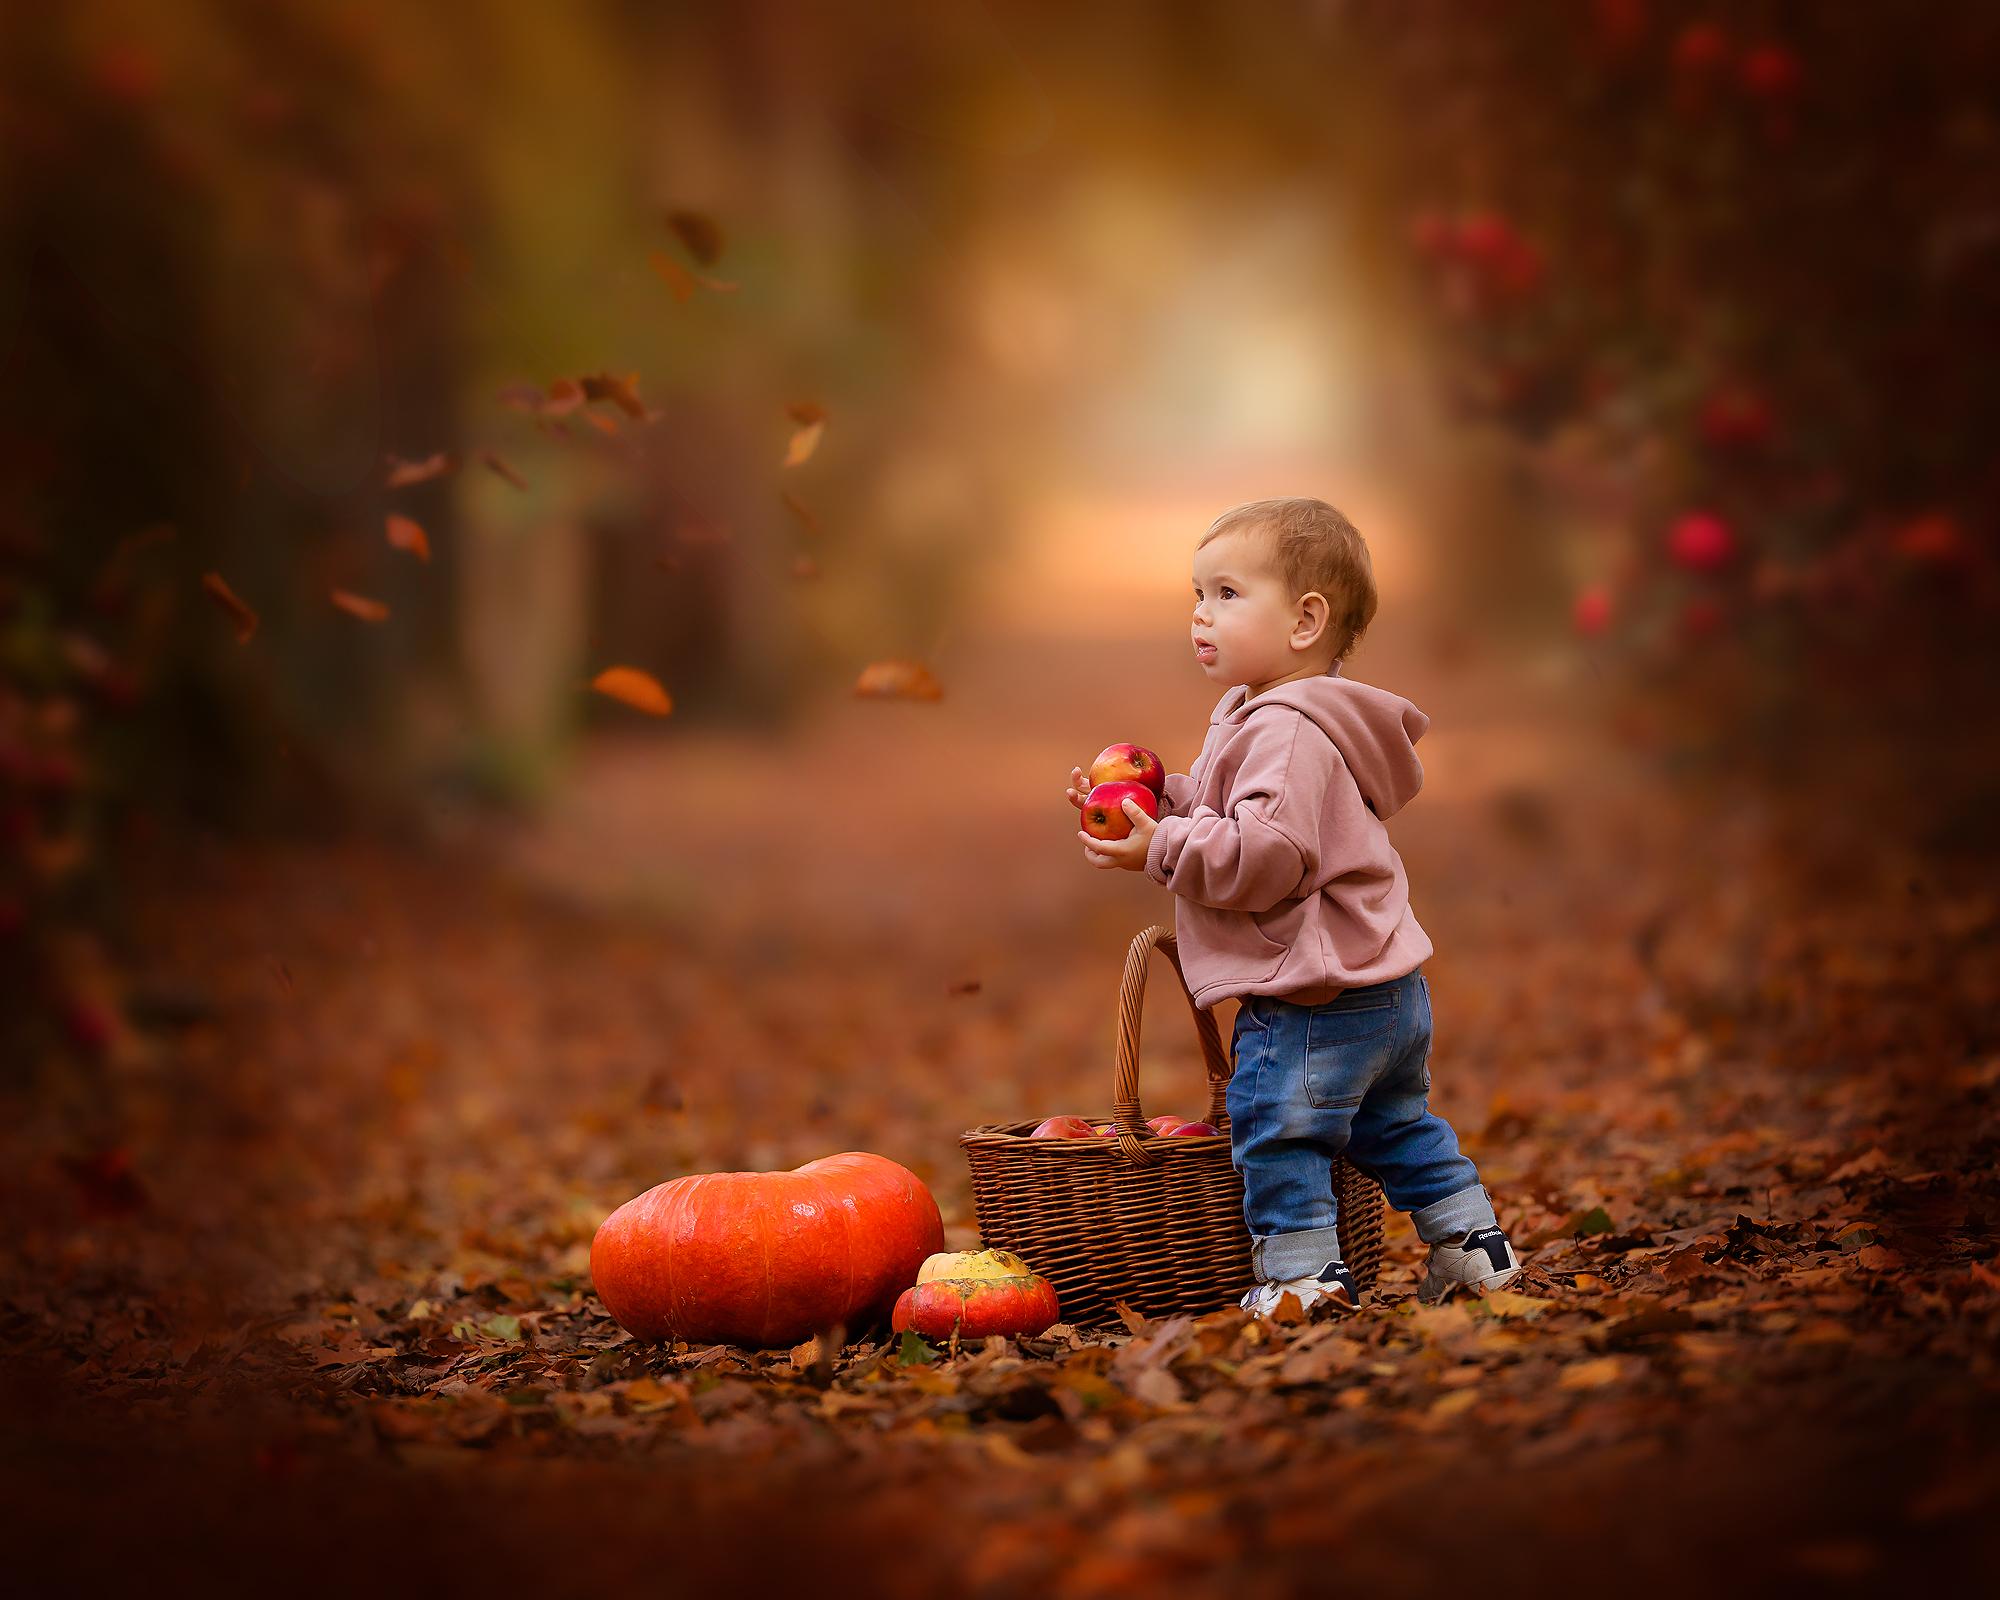 foto van een jongetje die appels plukt in een herfstbos tijdens een workshop van natuurlijk licht fotograaf Willie Kers uit Apeldoorn